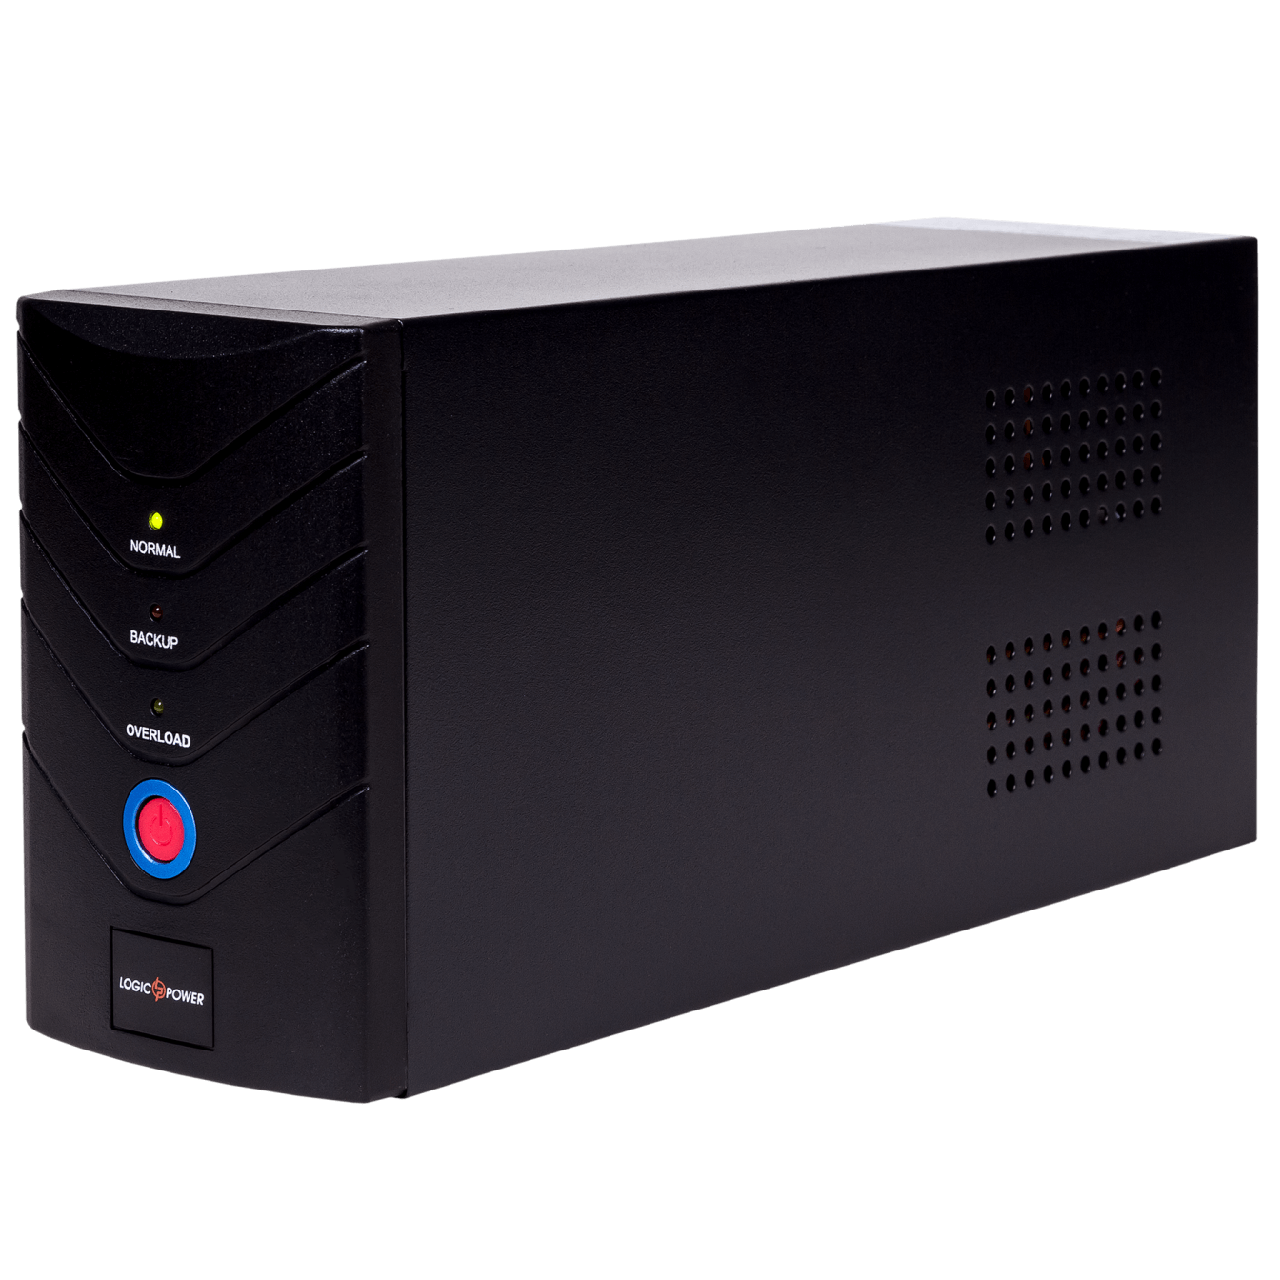 ИБП линейно-интерактивный LogicPower LP 650VA(390Вт)